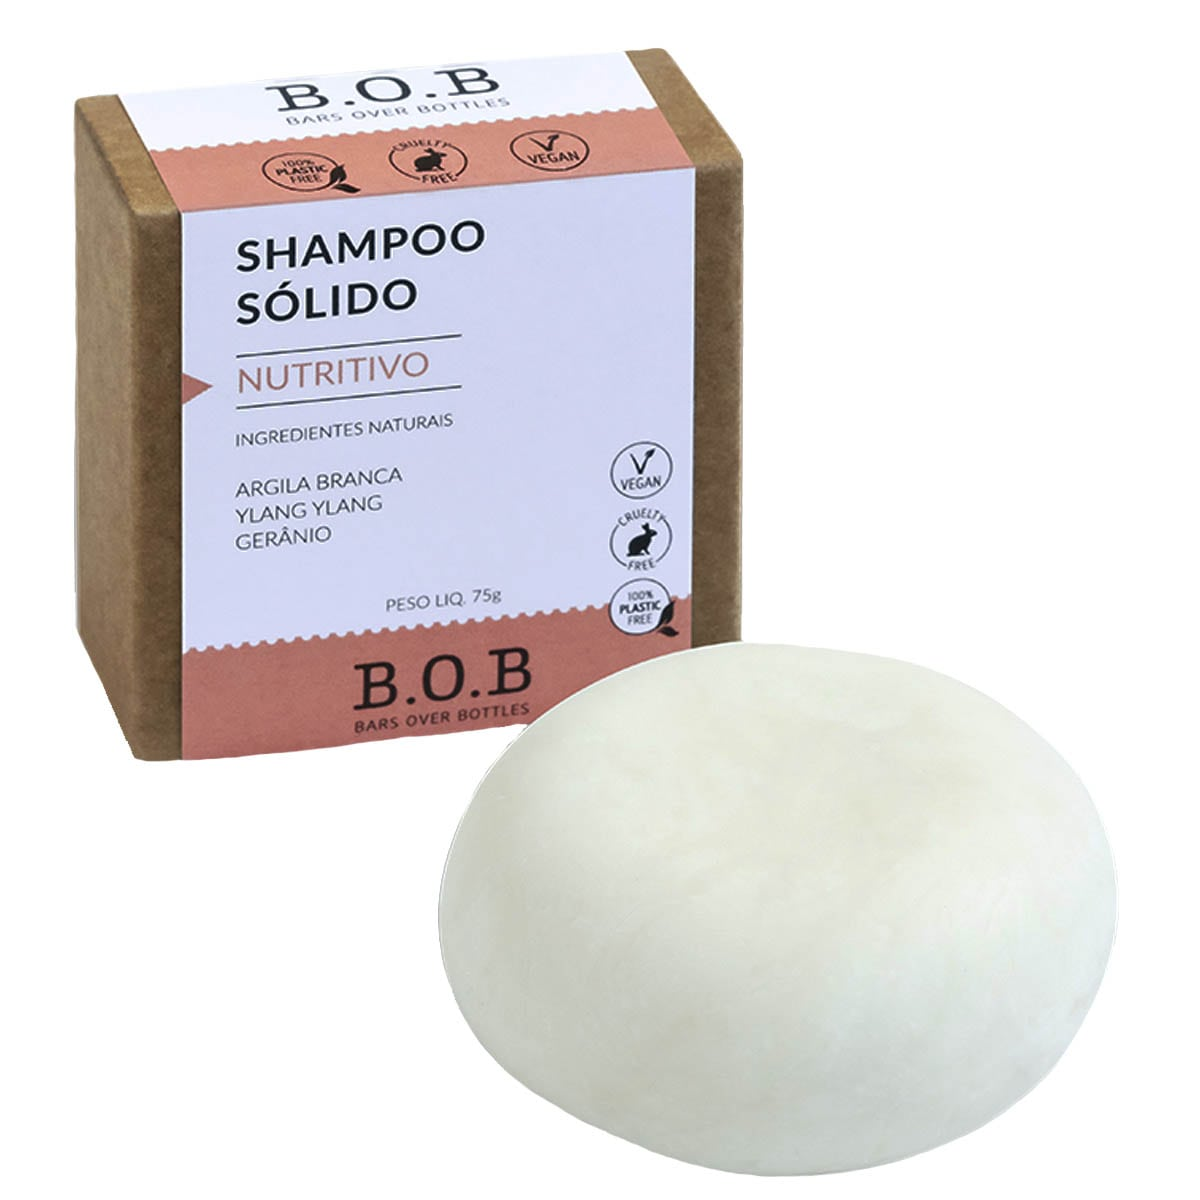 Shampoo sólido nutritivo 75g - B.O.B